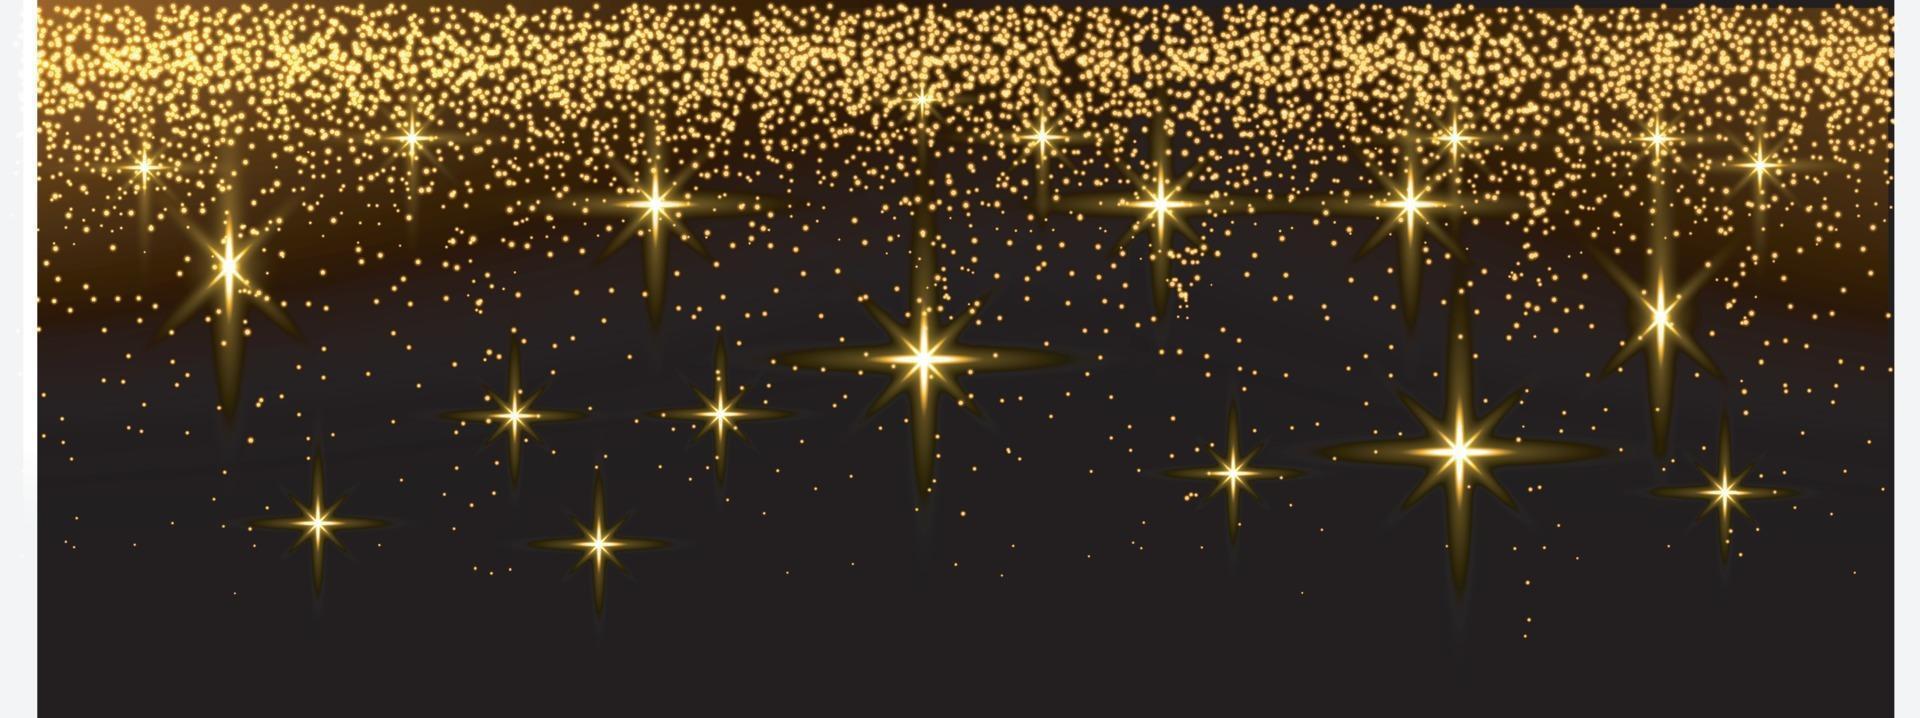 glitter oro e stelle su sfondo isolato. vettore